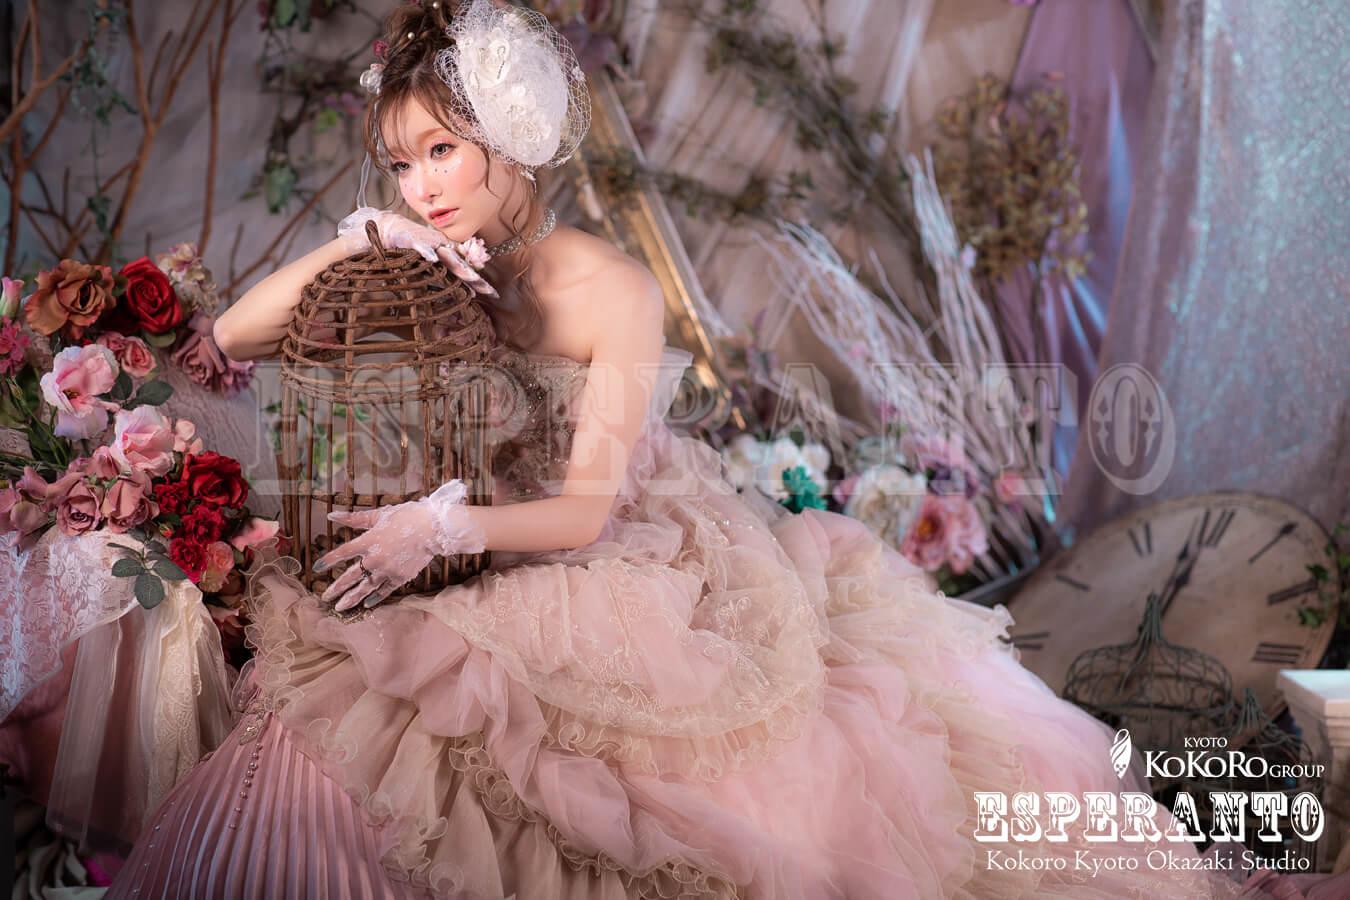 ウェディングドレス変身写真